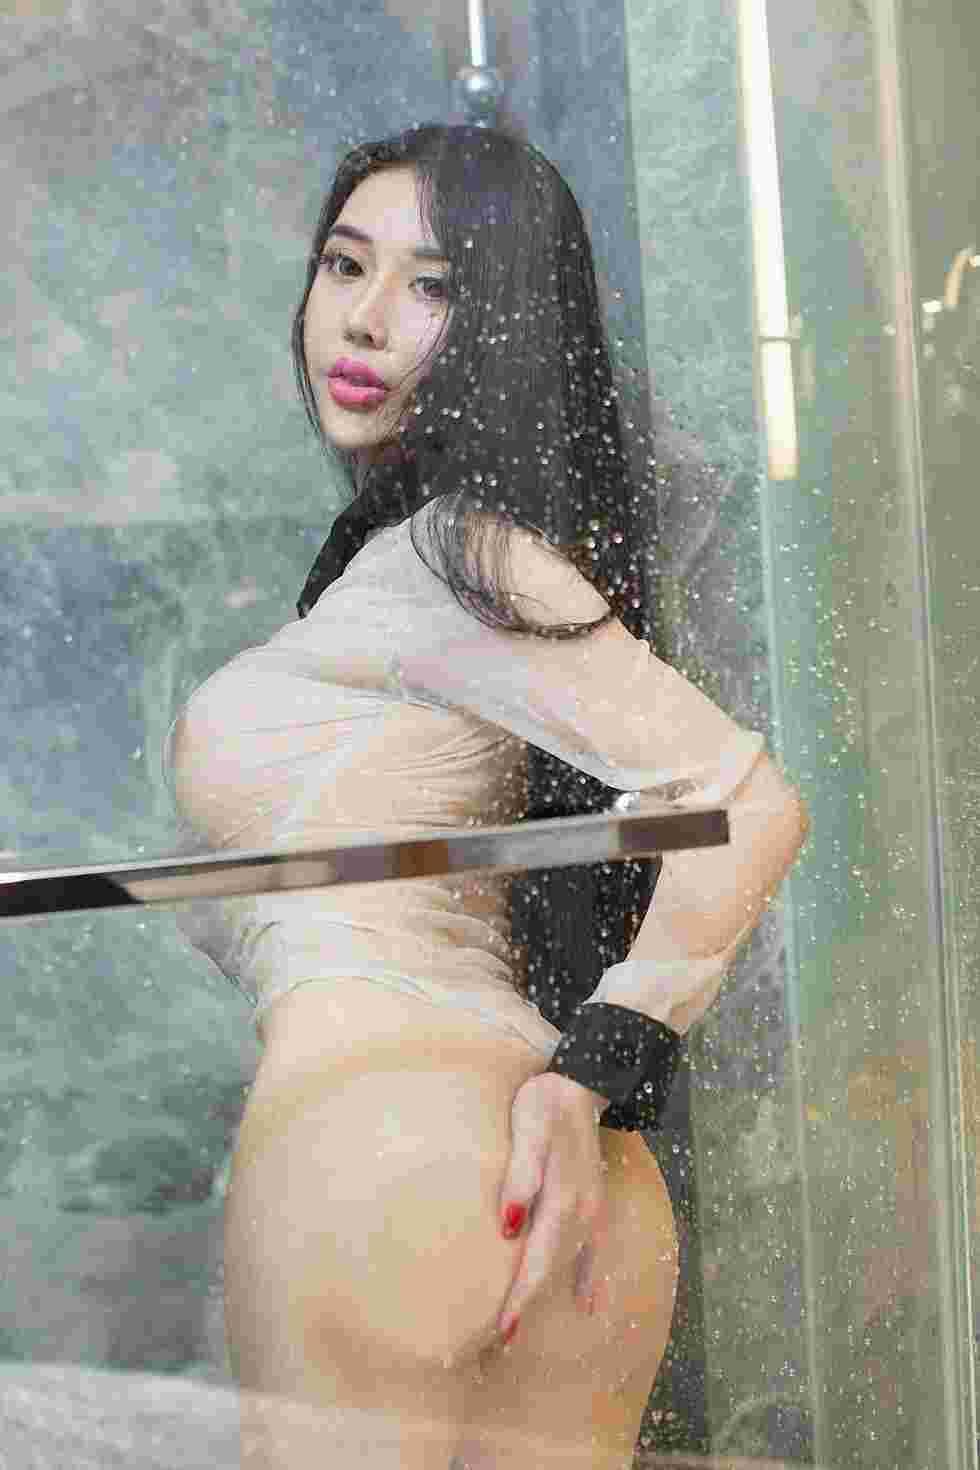 尤果网嫩模李丁丁浴室湿身诱惑写真照